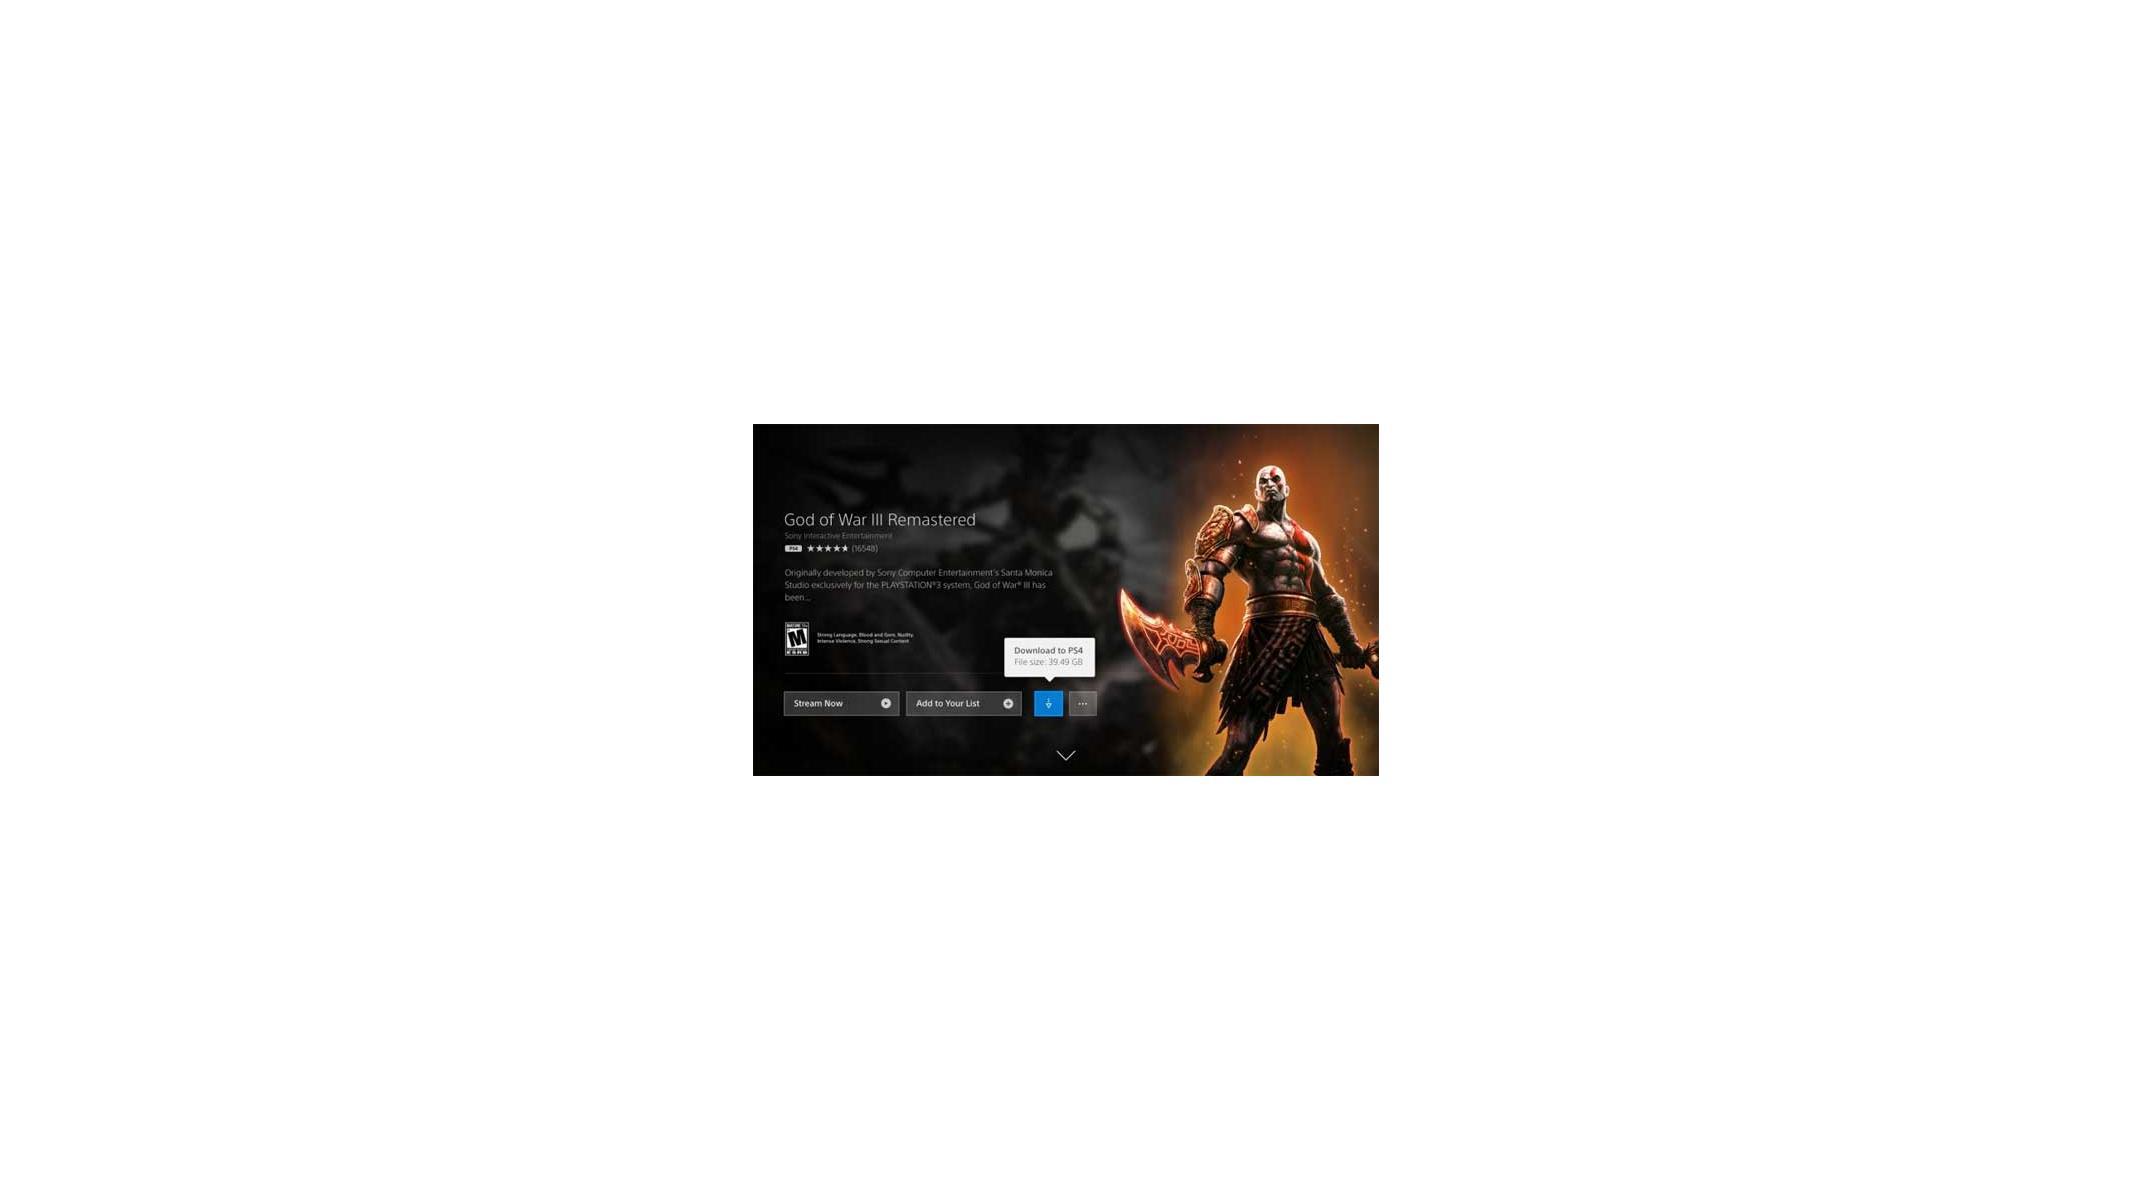 Download ps4 emulator for android offline  PS3 EMULATOR FOR